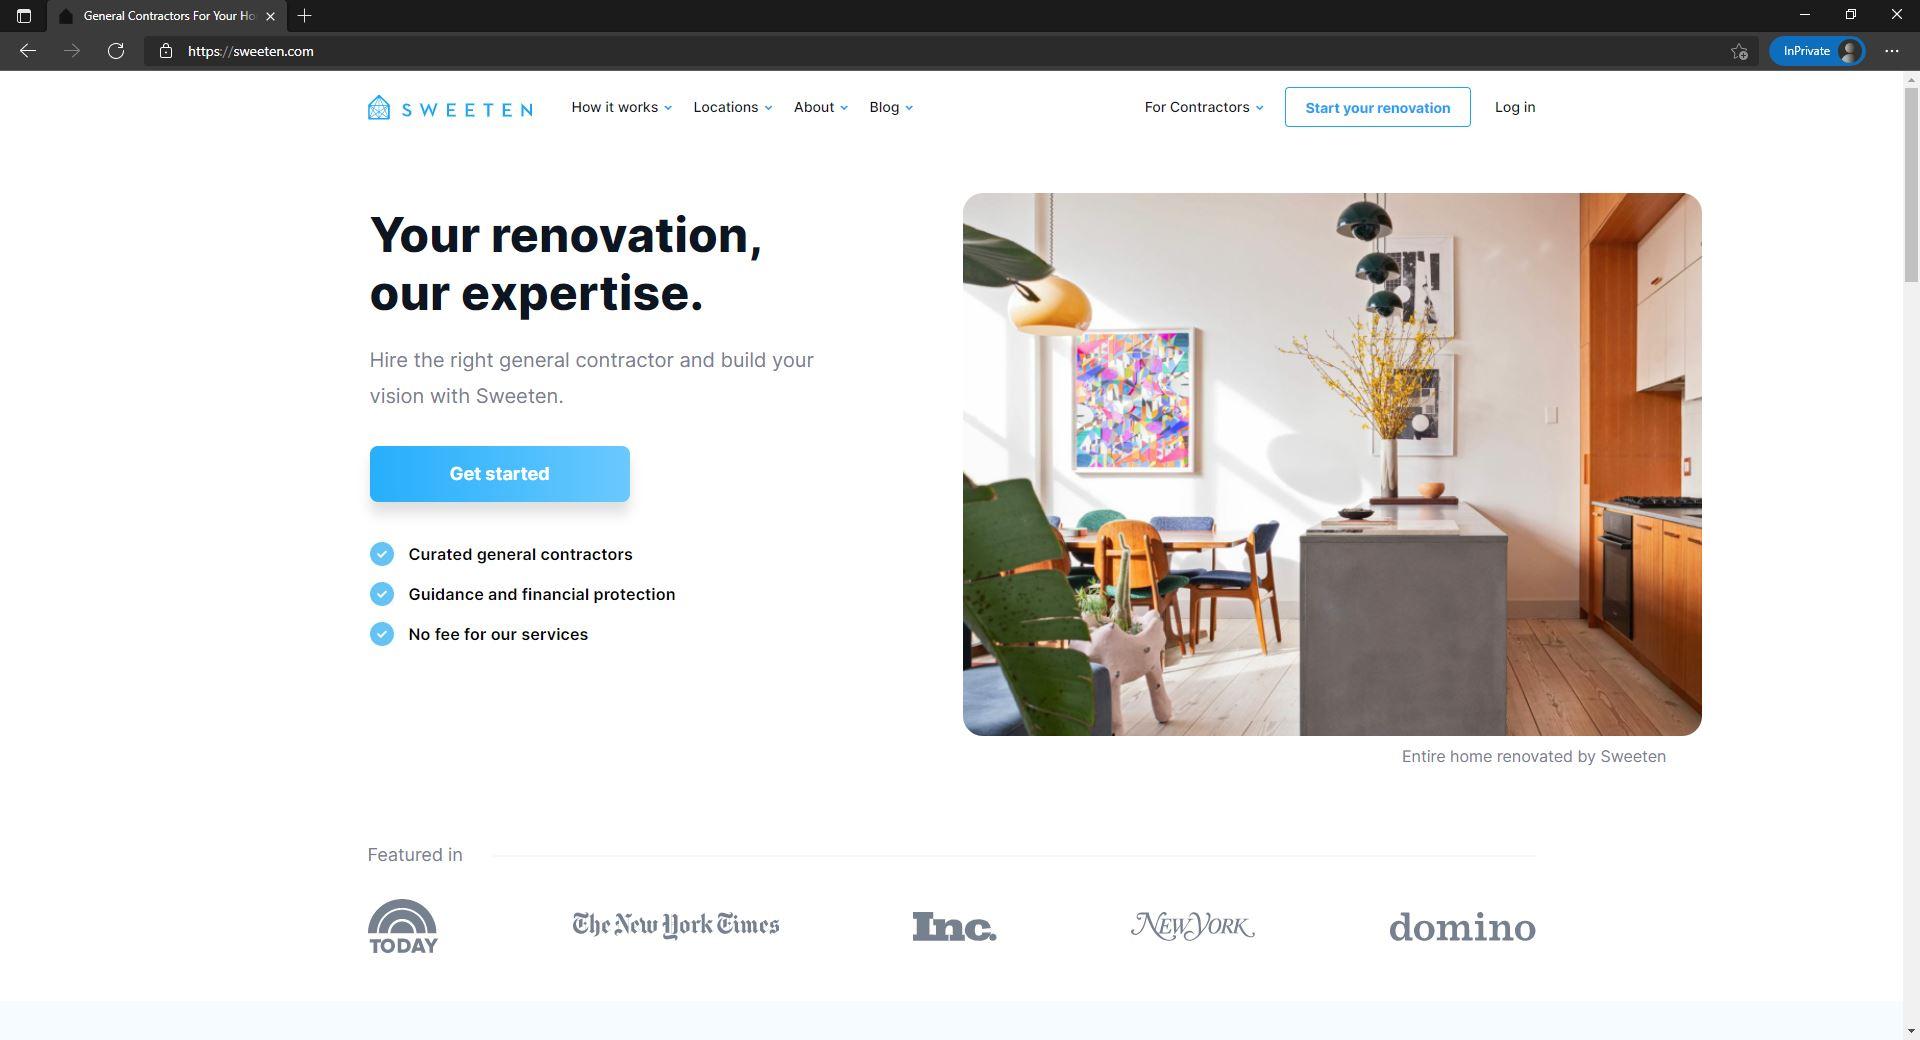 Sweeten website homepage